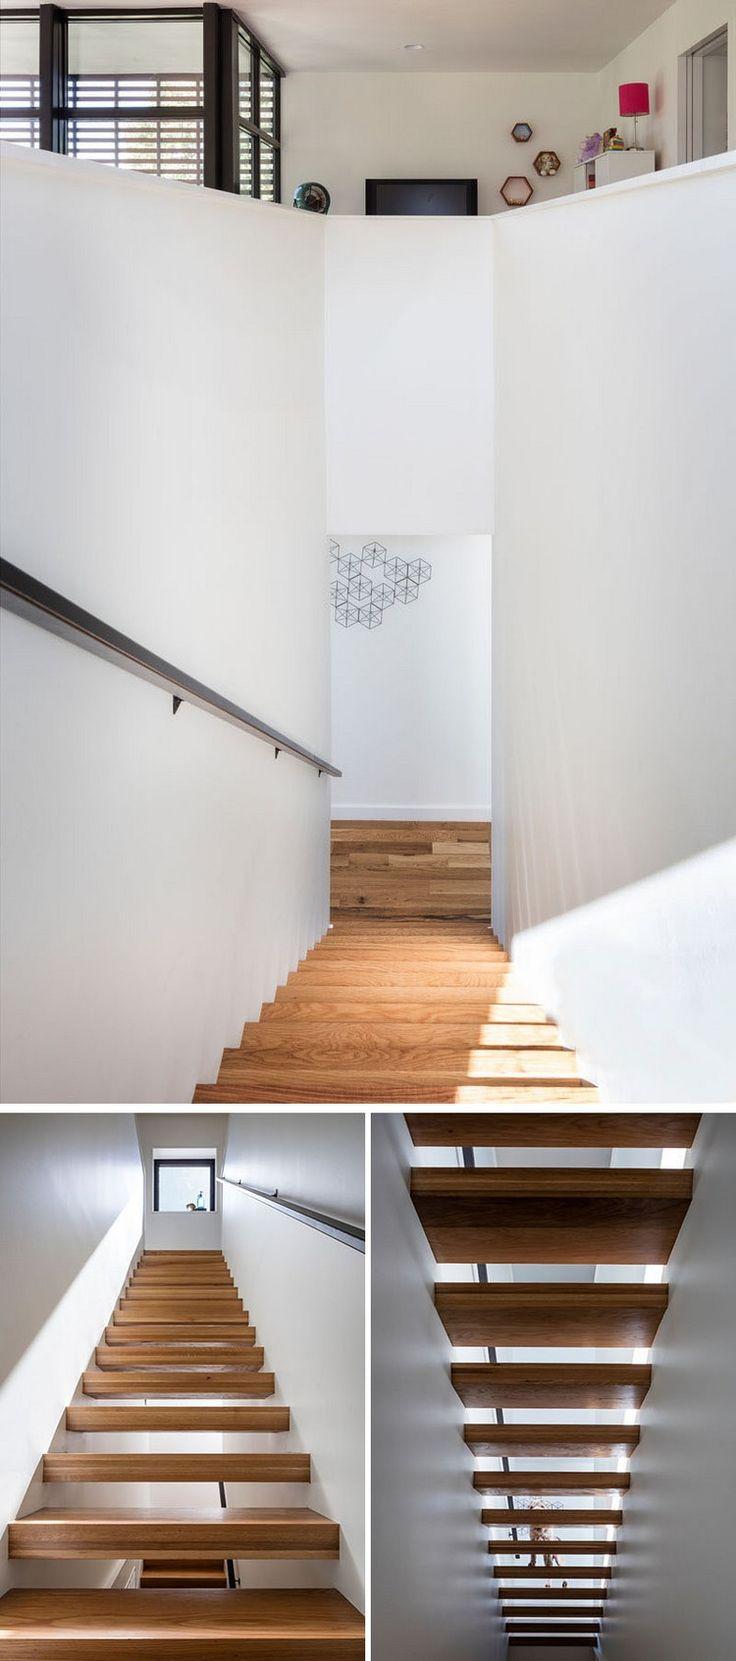 648 besten inneneinrichtung bilder auf pinterest keramik stil und deko. Black Bedroom Furniture Sets. Home Design Ideas